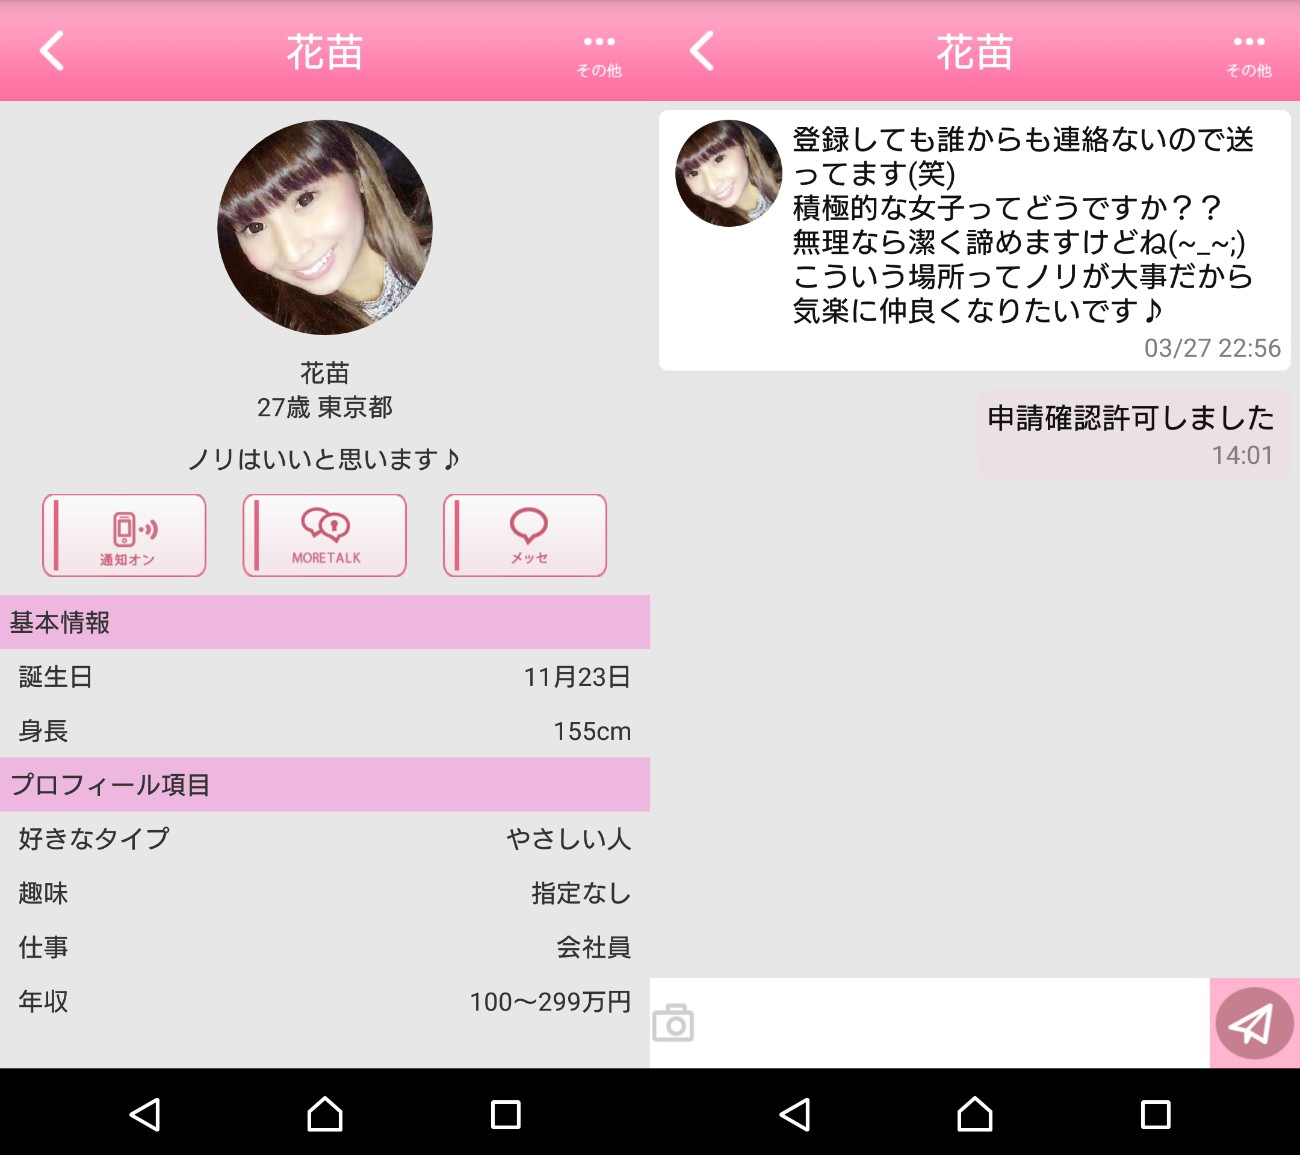 悪徳出会い系アプリ「TRACK」サクラ